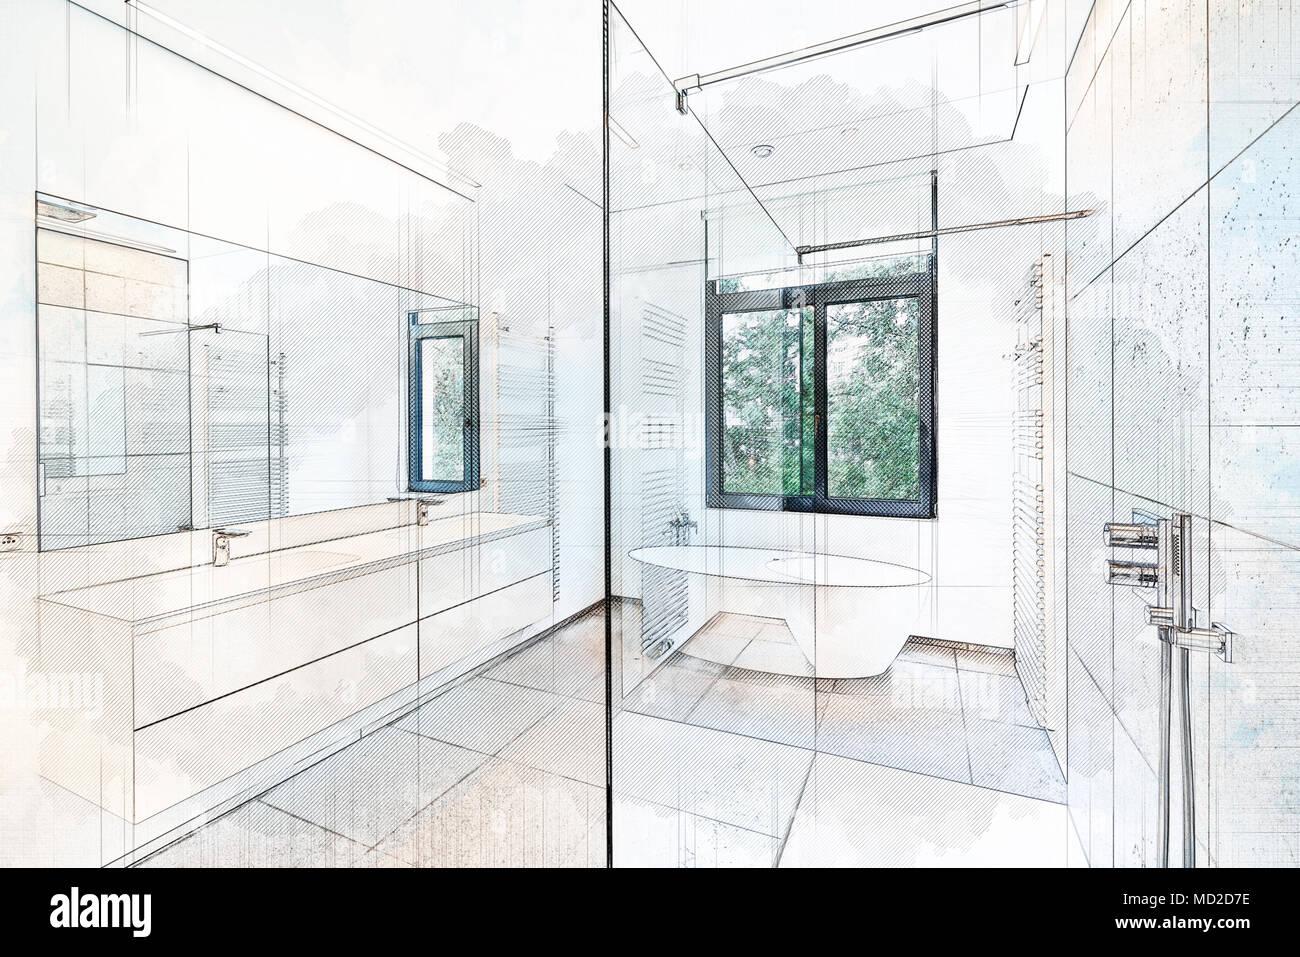 Abbildung Träumen Skizze Einer Badewanne In Corian, Hahn